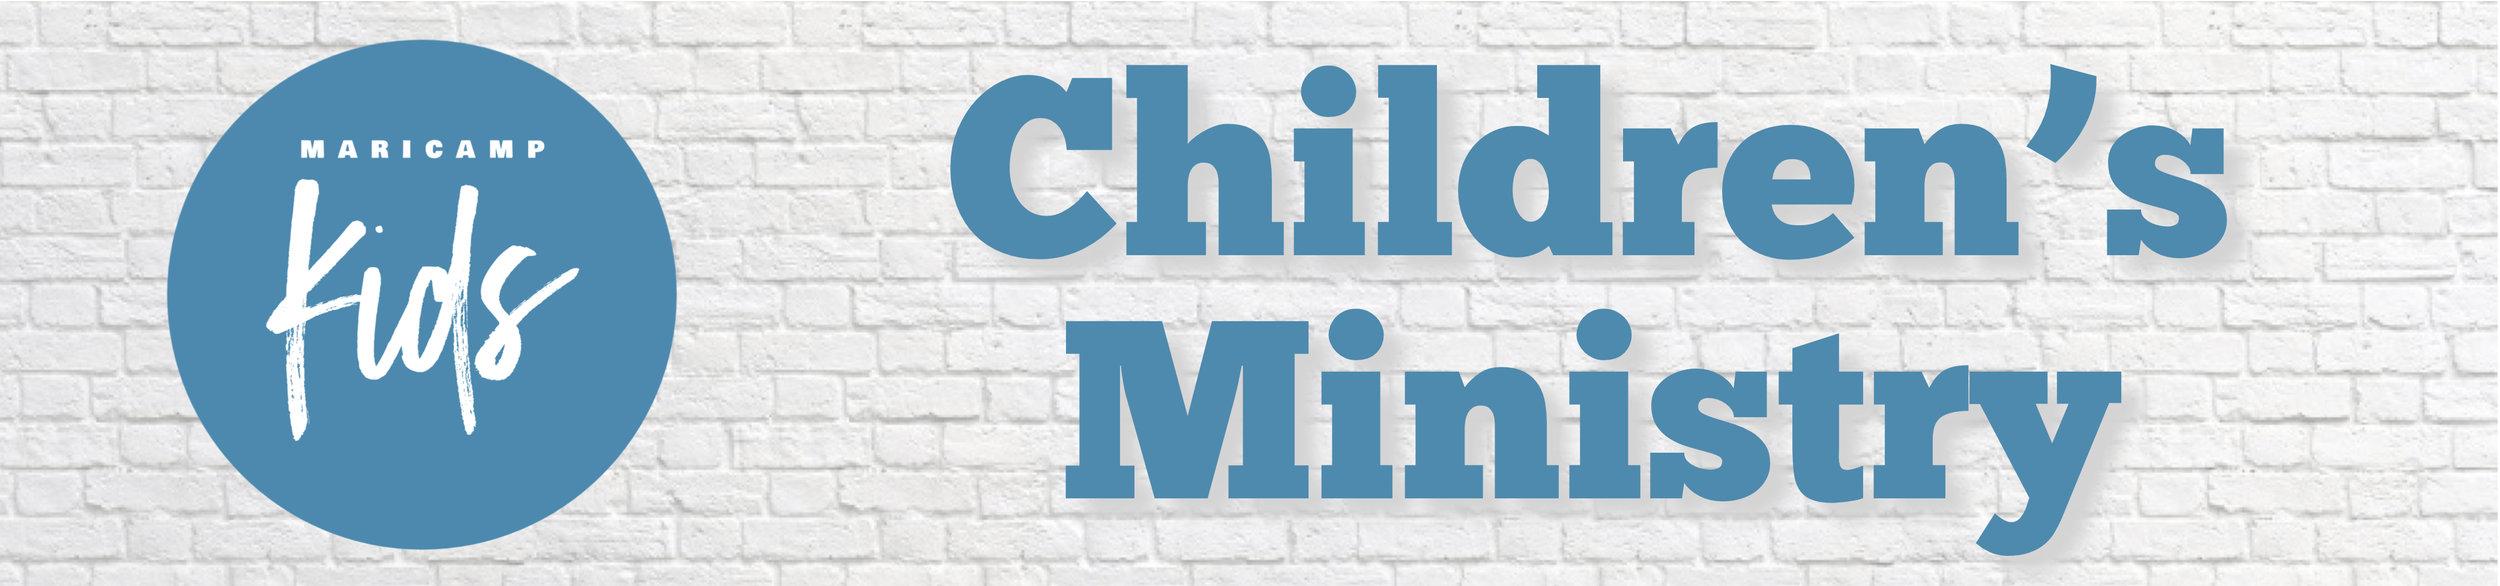 Childrens Ministry Banner JPG.jpg